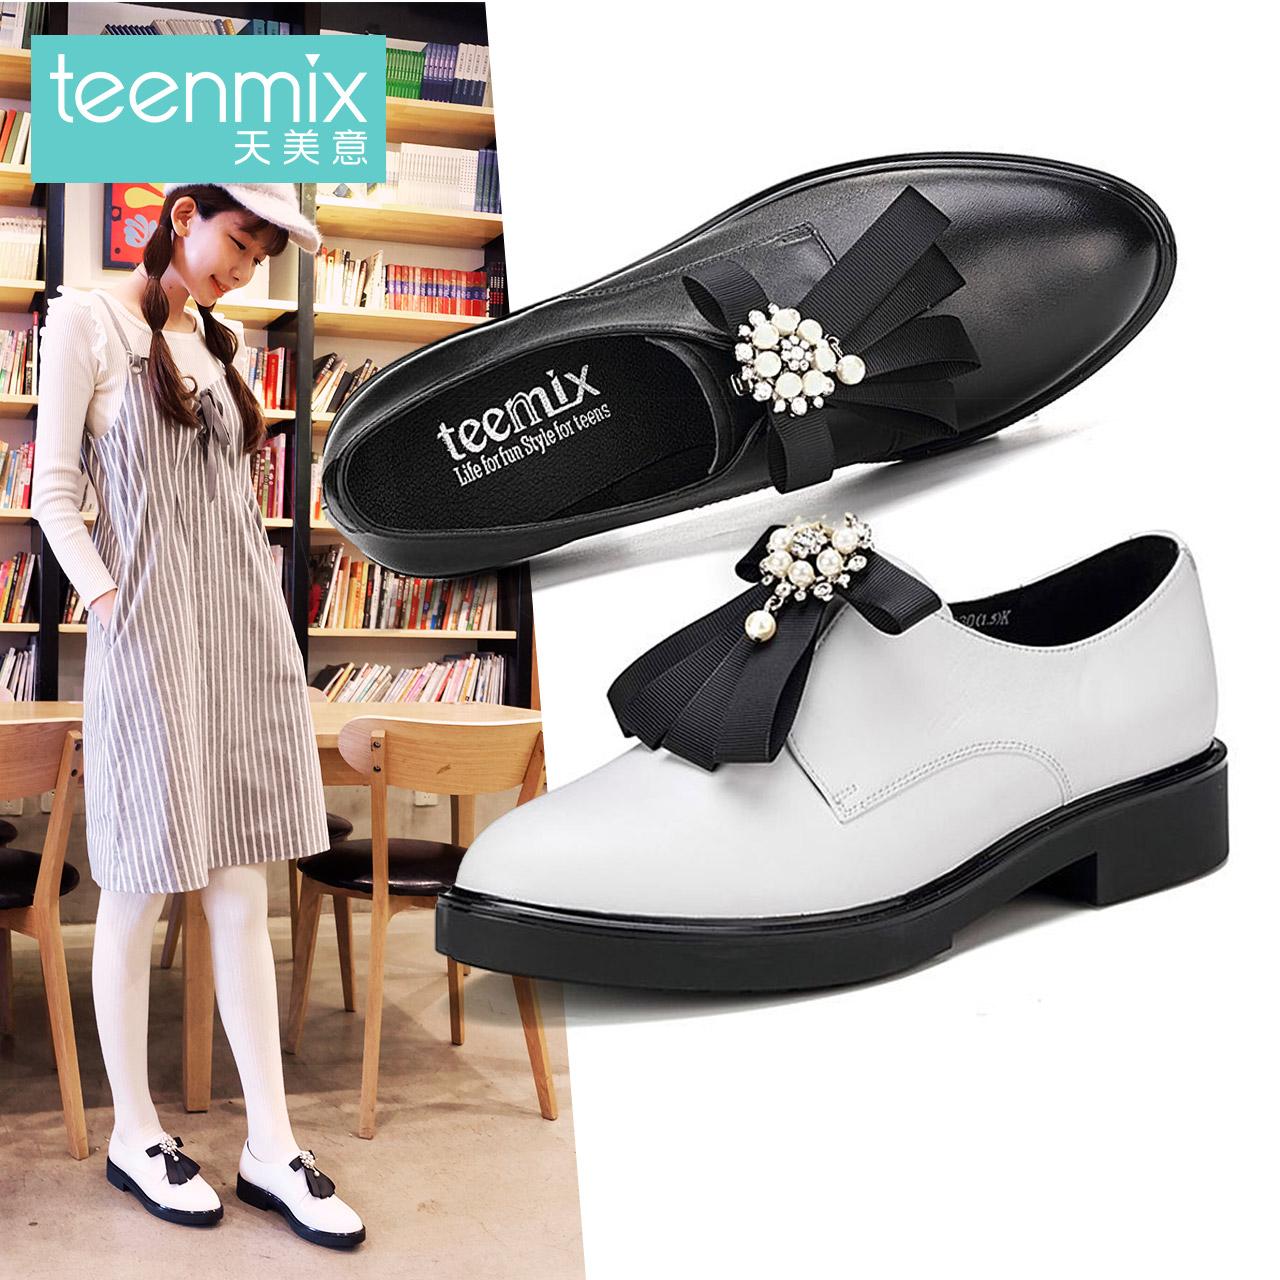 teenmix/天美意17春牛皮蝴蝶结女鞋单鞋lo风阿瑞斯勋章6U126AM7